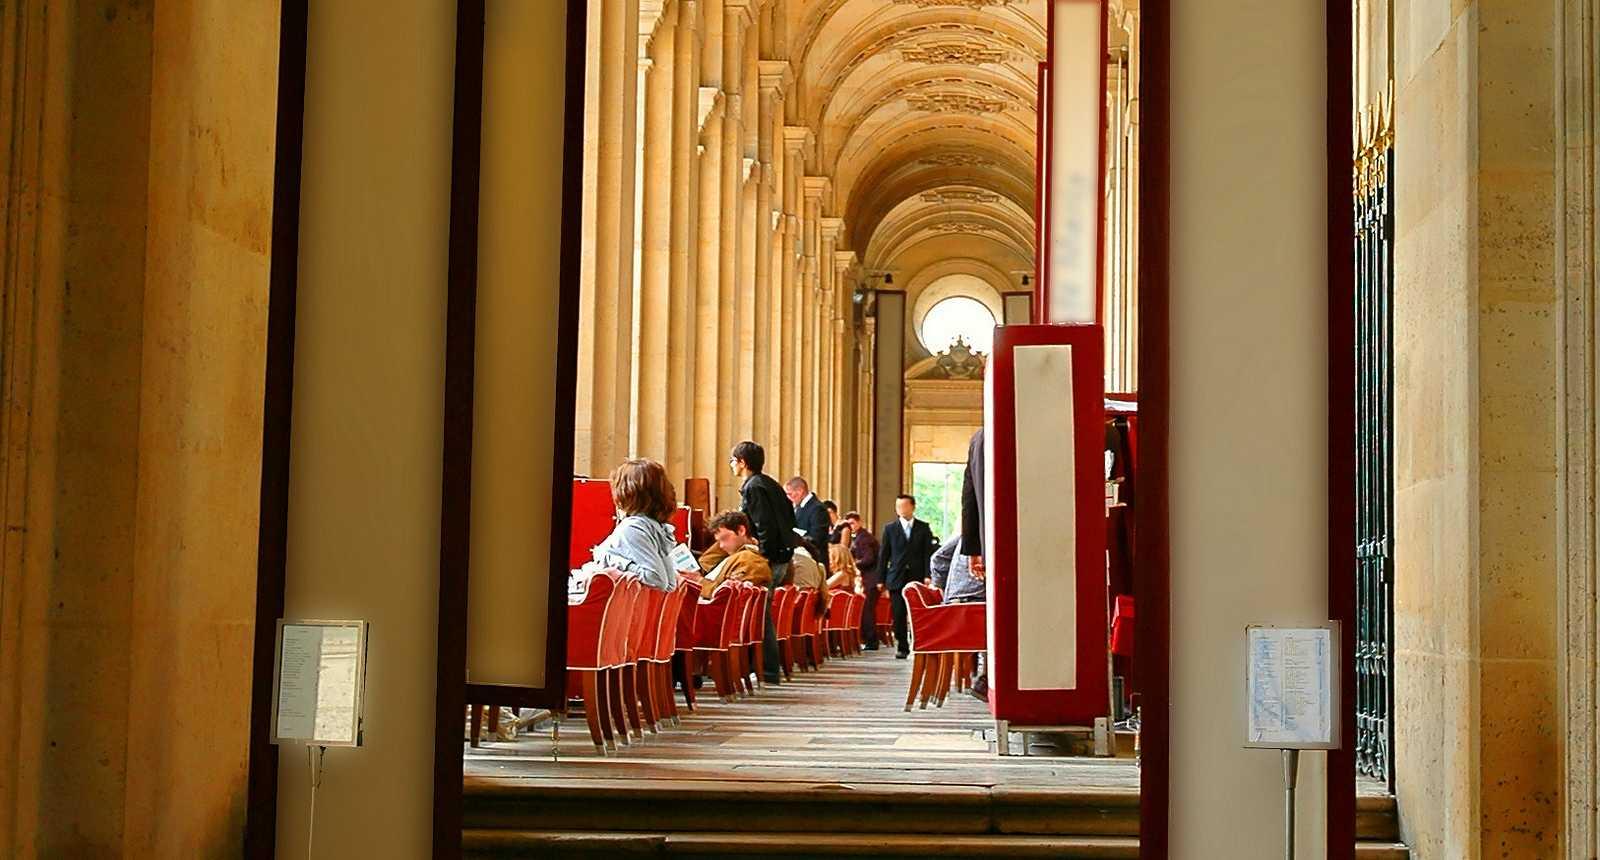 Brasserie parisienne au coeur de la Galerie Vivienne